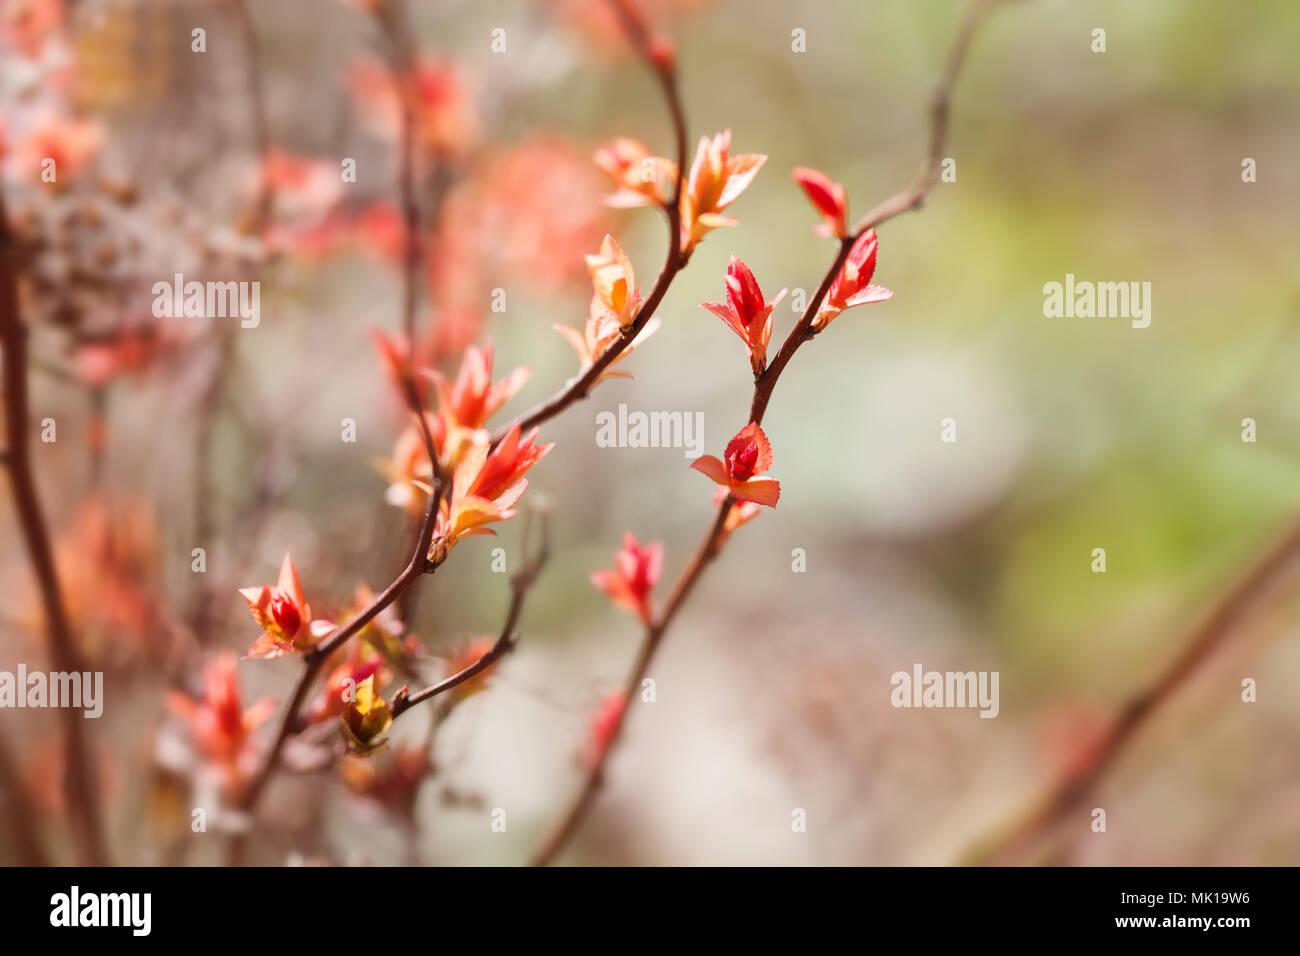 Beau Printemps Floral Background Branche D Arbre En Fleur Rose